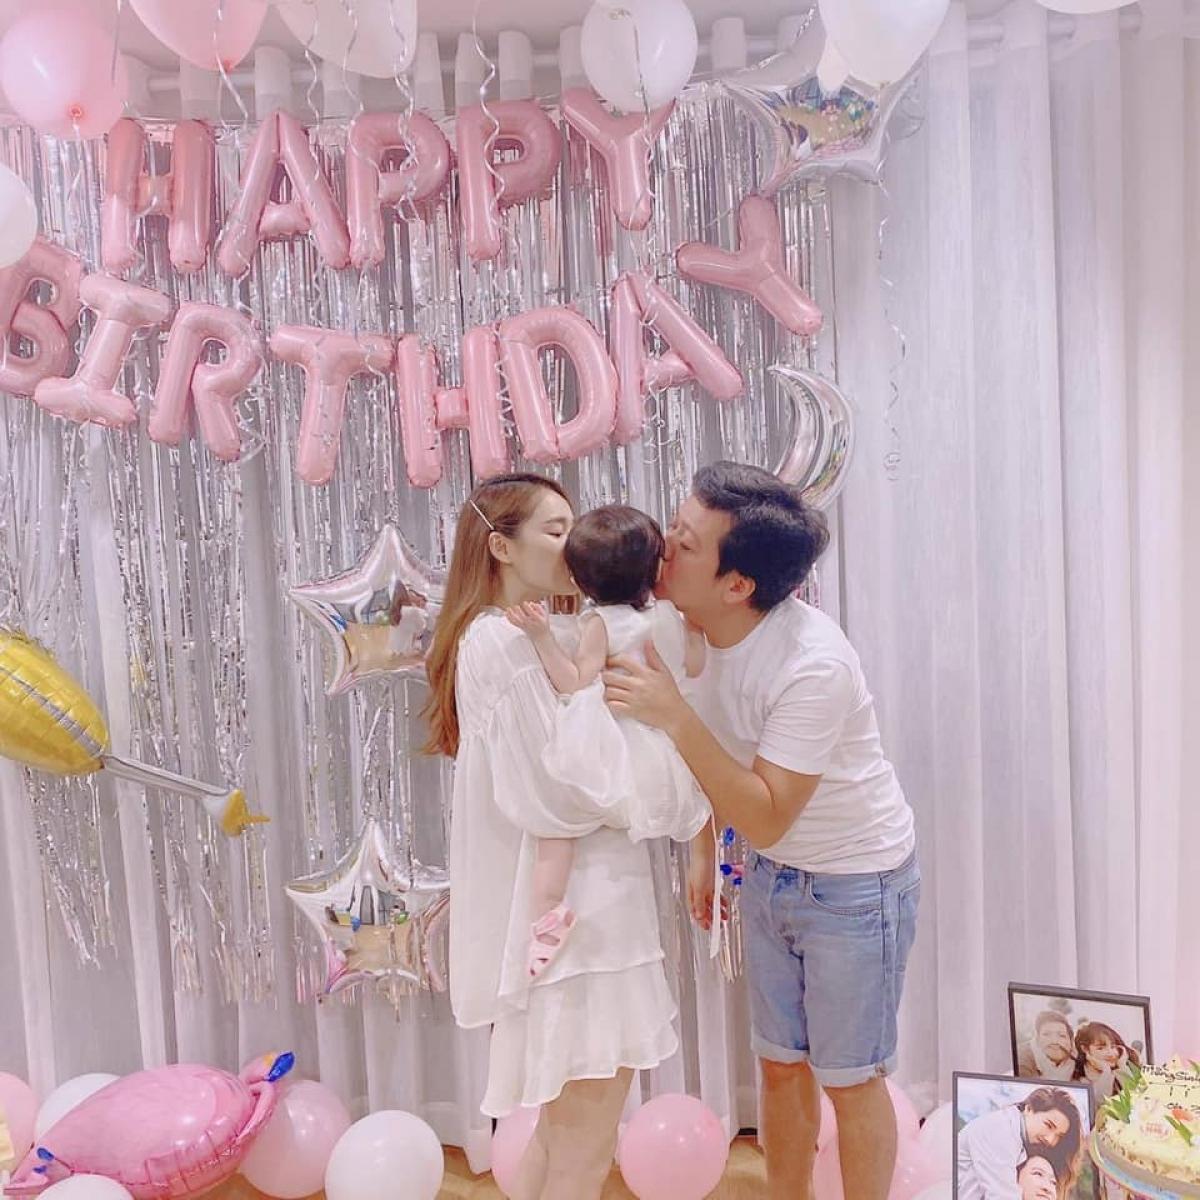 Trường Giang và Nhã Phương trong tiệc sinh nhật con gái.